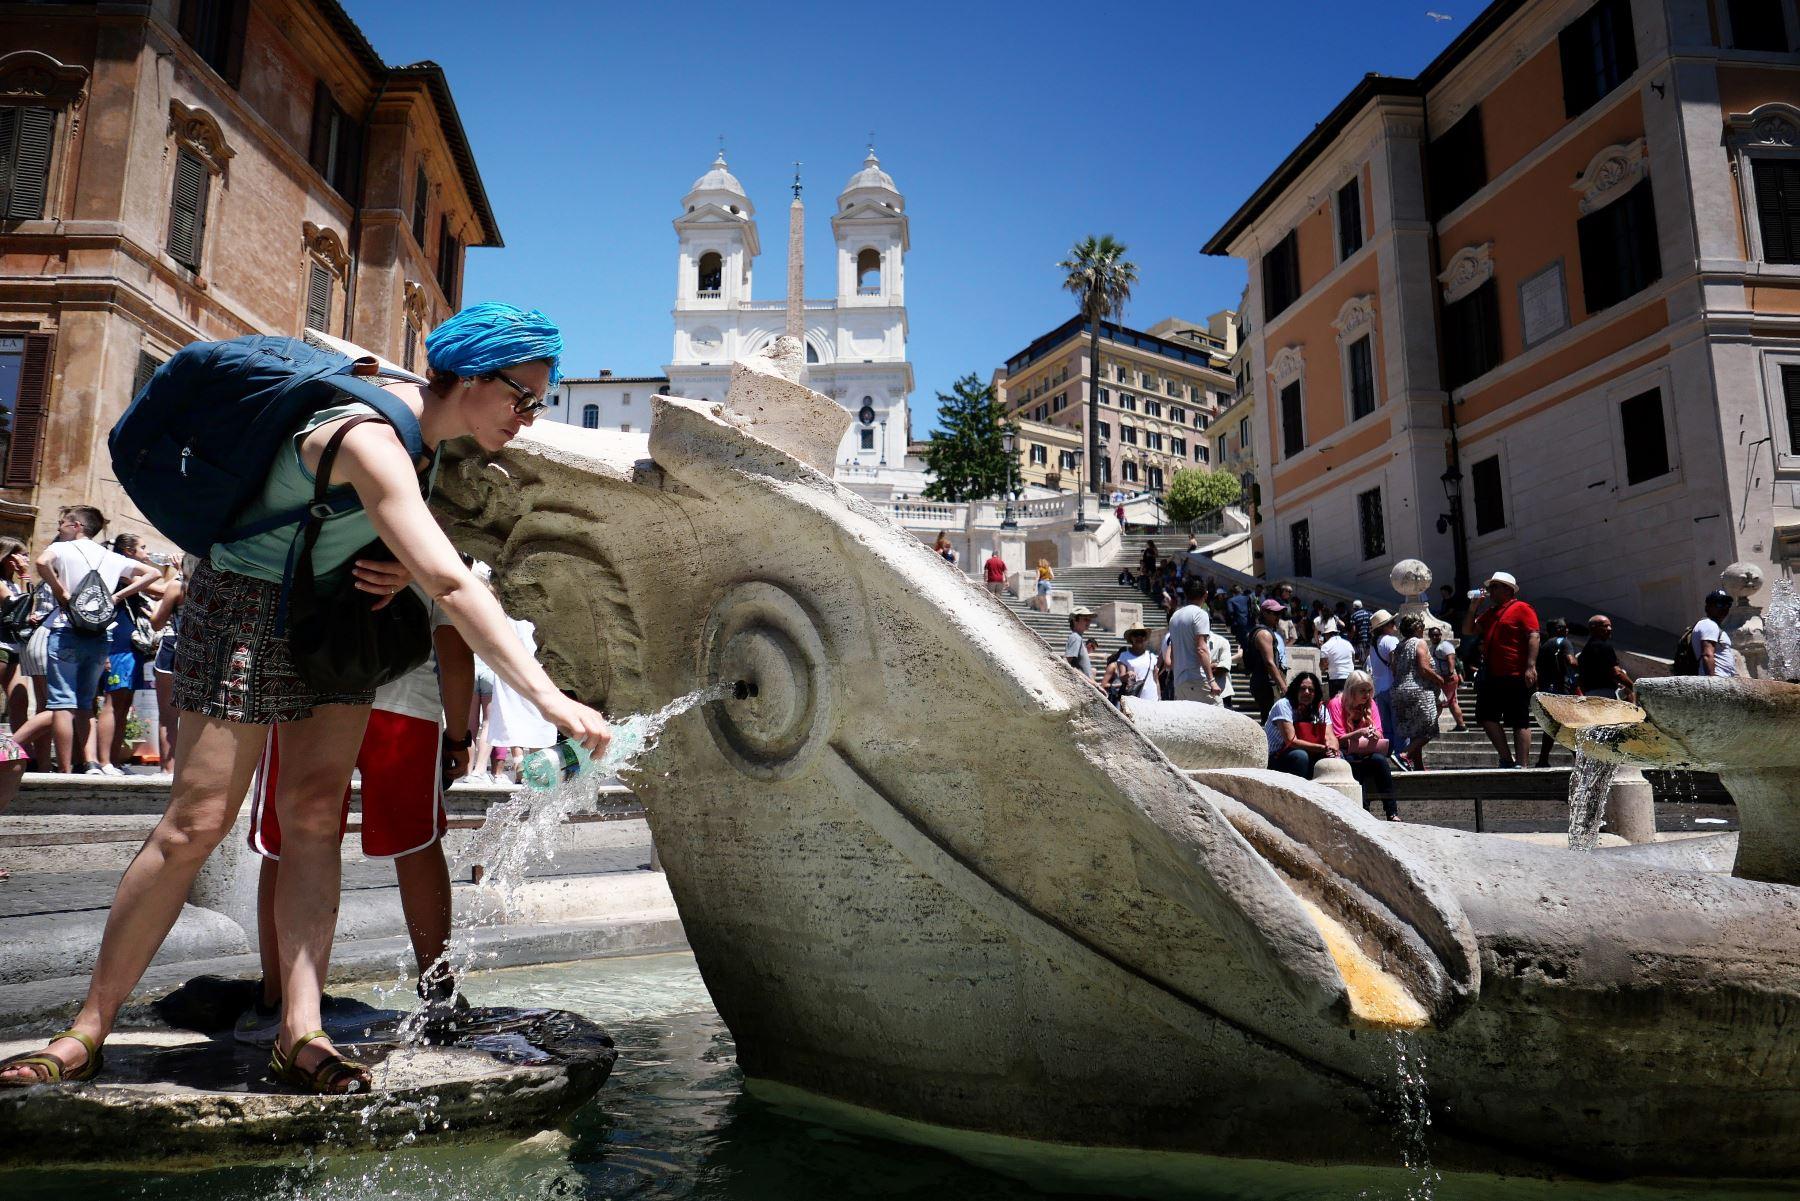 Una turista llena su botella de agua de la Fontana della Barcaccia en Piazzia di Spagna en el centro de Roma durante una inusual ola de calor. Foto: AFP